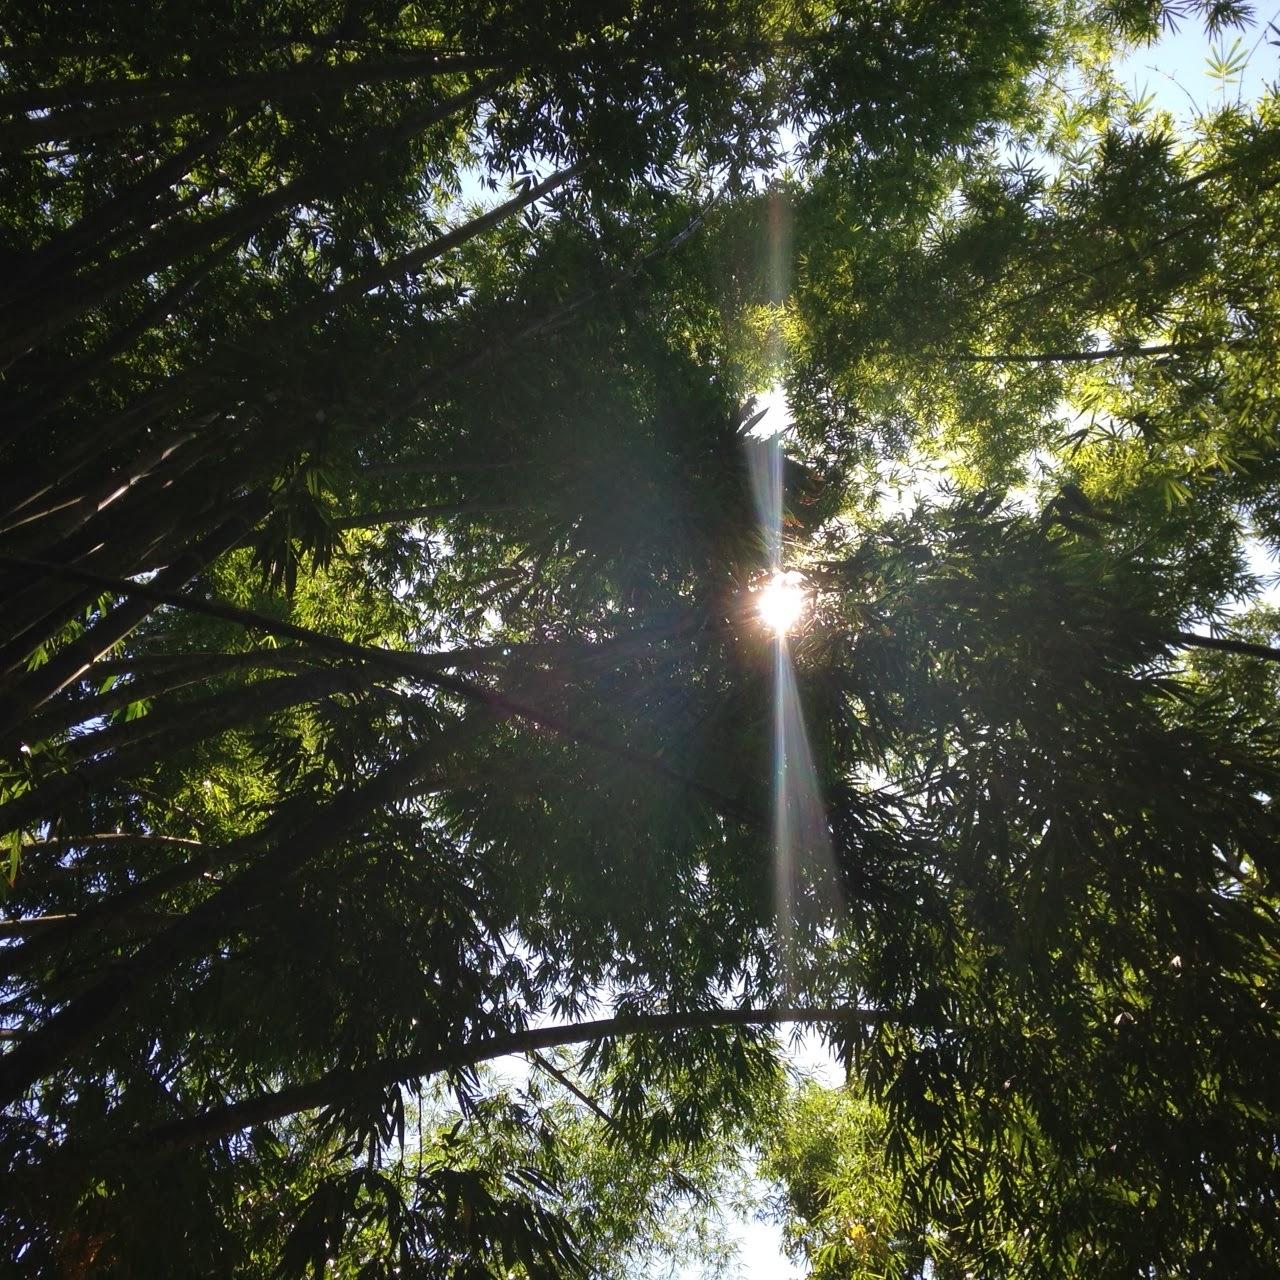 ipe de jardim botânico:lugar aqui na Cidade Maravilhosa que eu amo e por isso aproveitei para